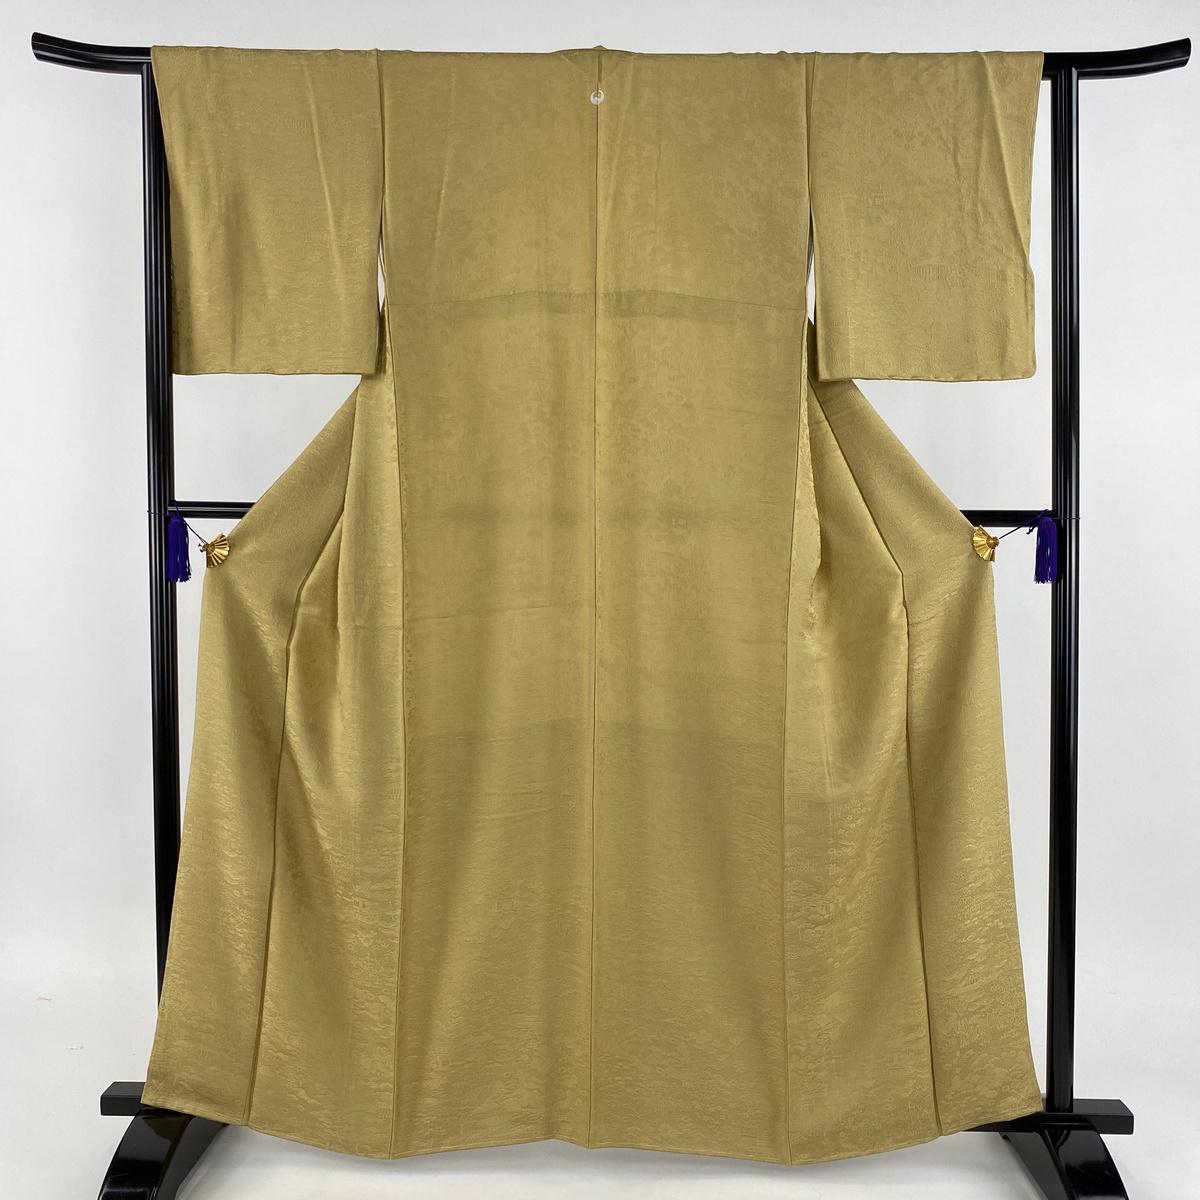 色無地 美品 秀品 一つ紋 地紋 黄土色 袷 身丈162.5cm 裄丈64cm M 正絹 【中古】